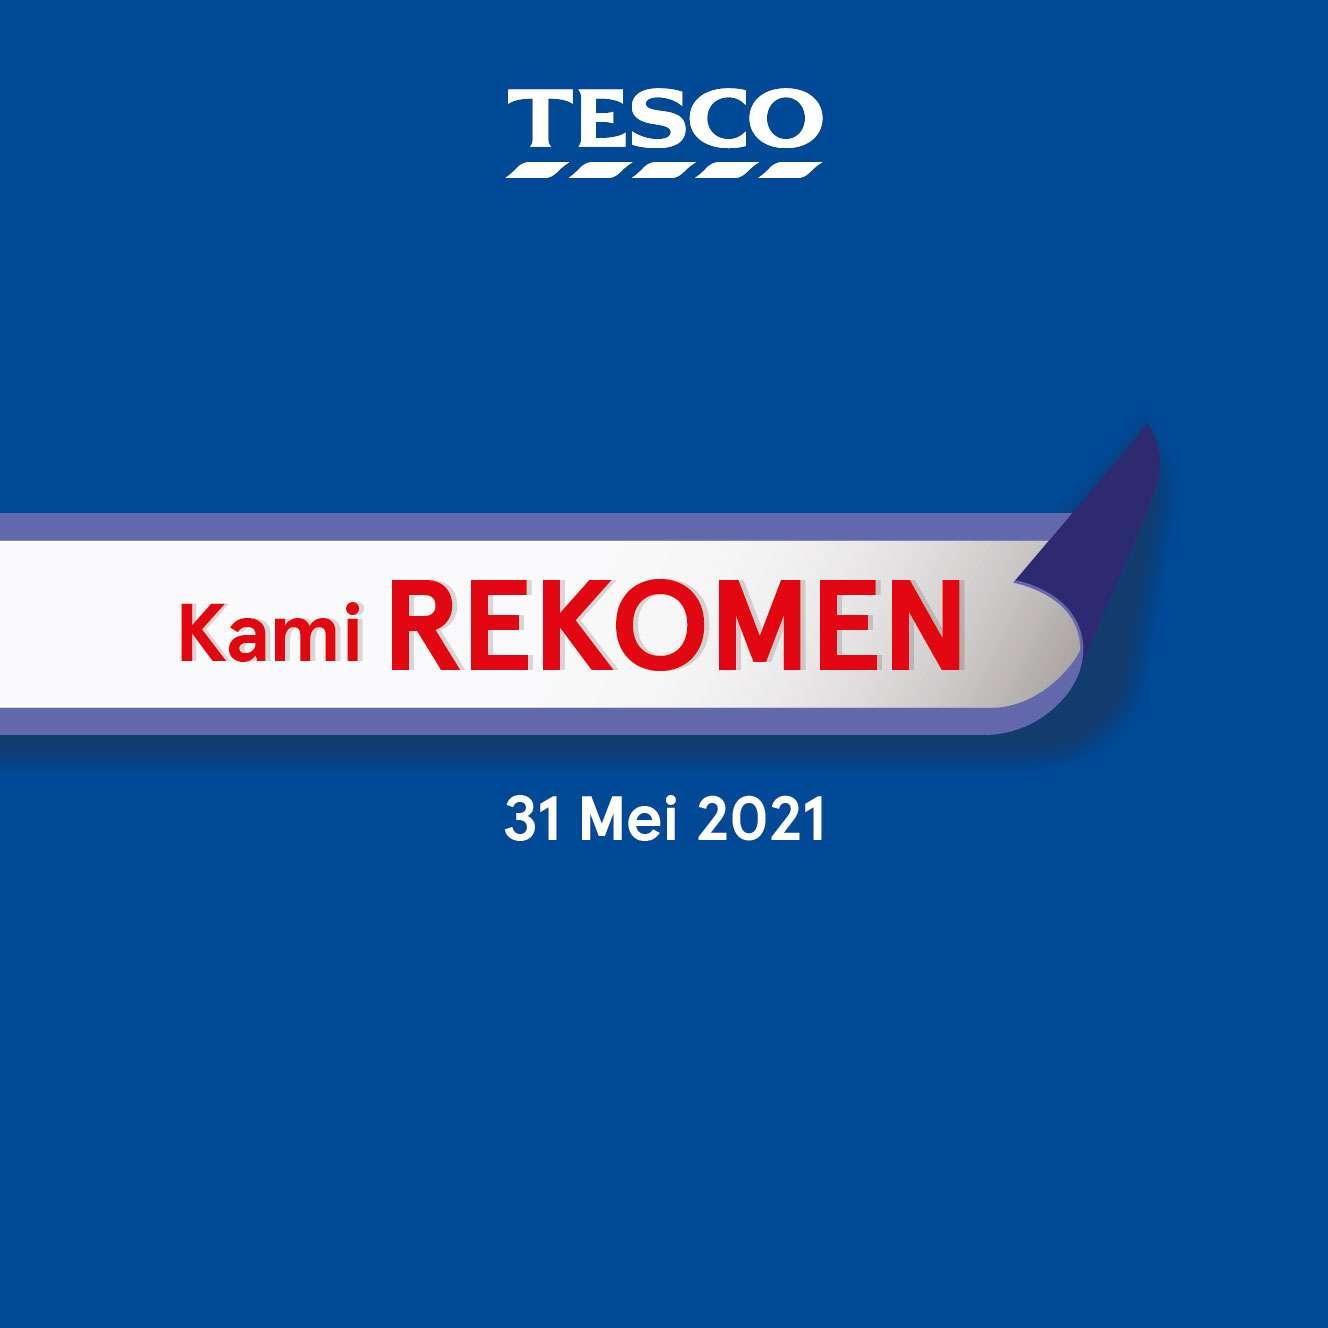 Tesco Catalogue(31 May 2021)